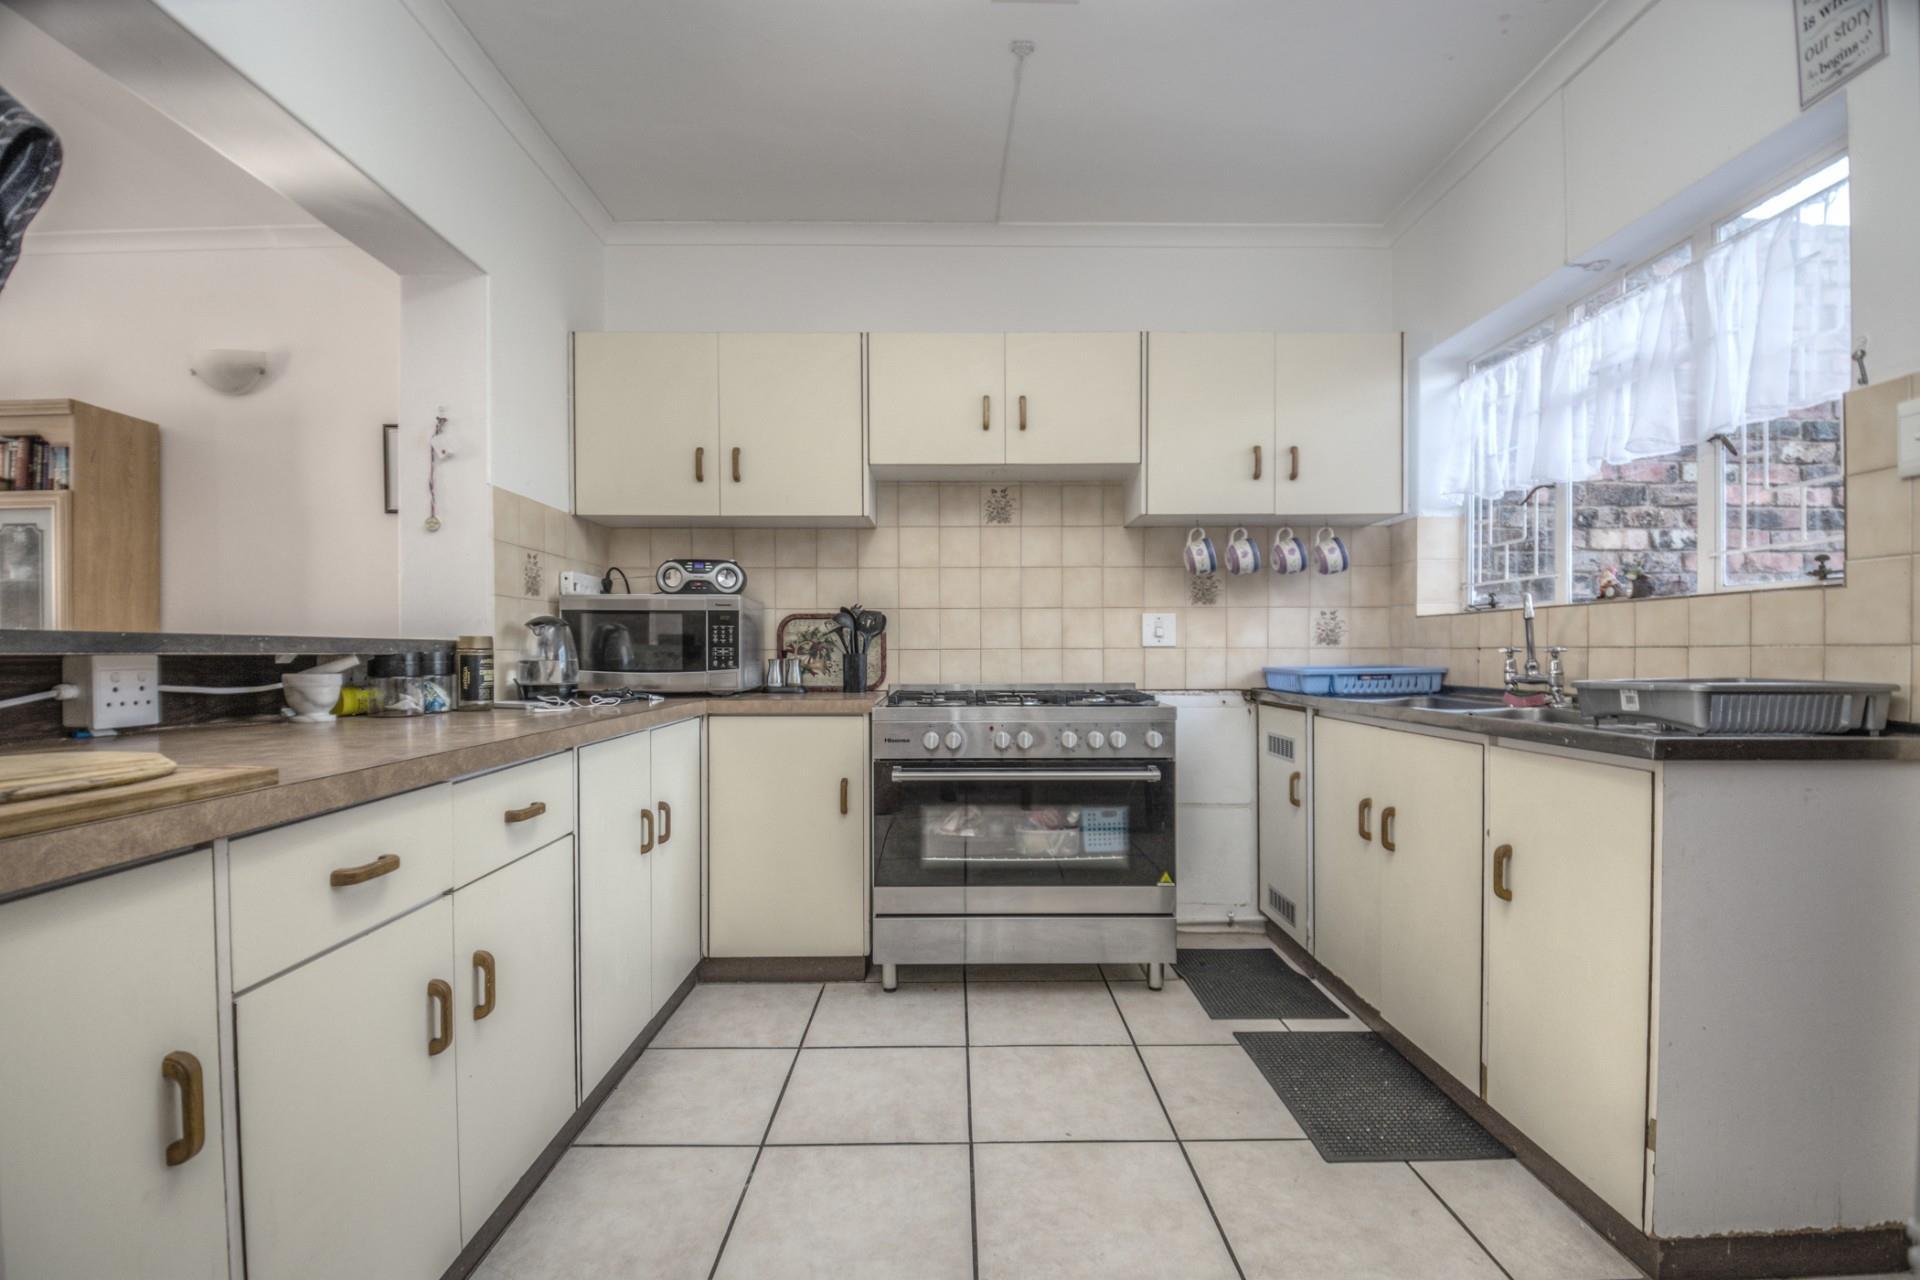 3 Bedroom House For Sale in Kabega